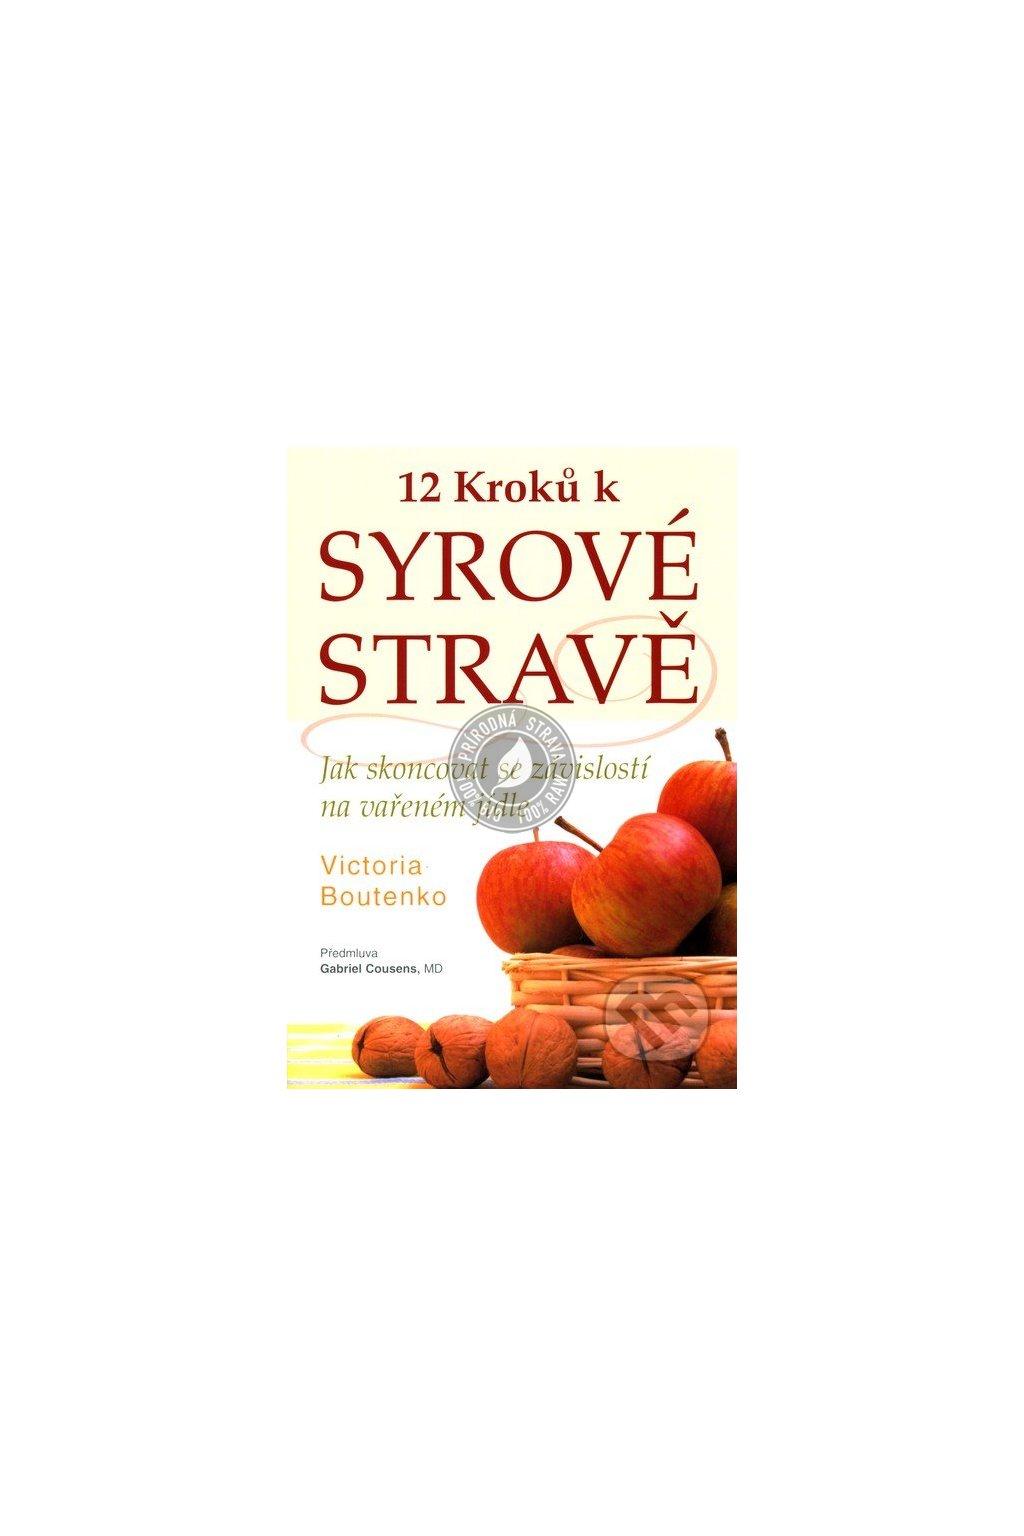 12 kroků k syrové stravě - Victoria Boutenko  (Kniha)